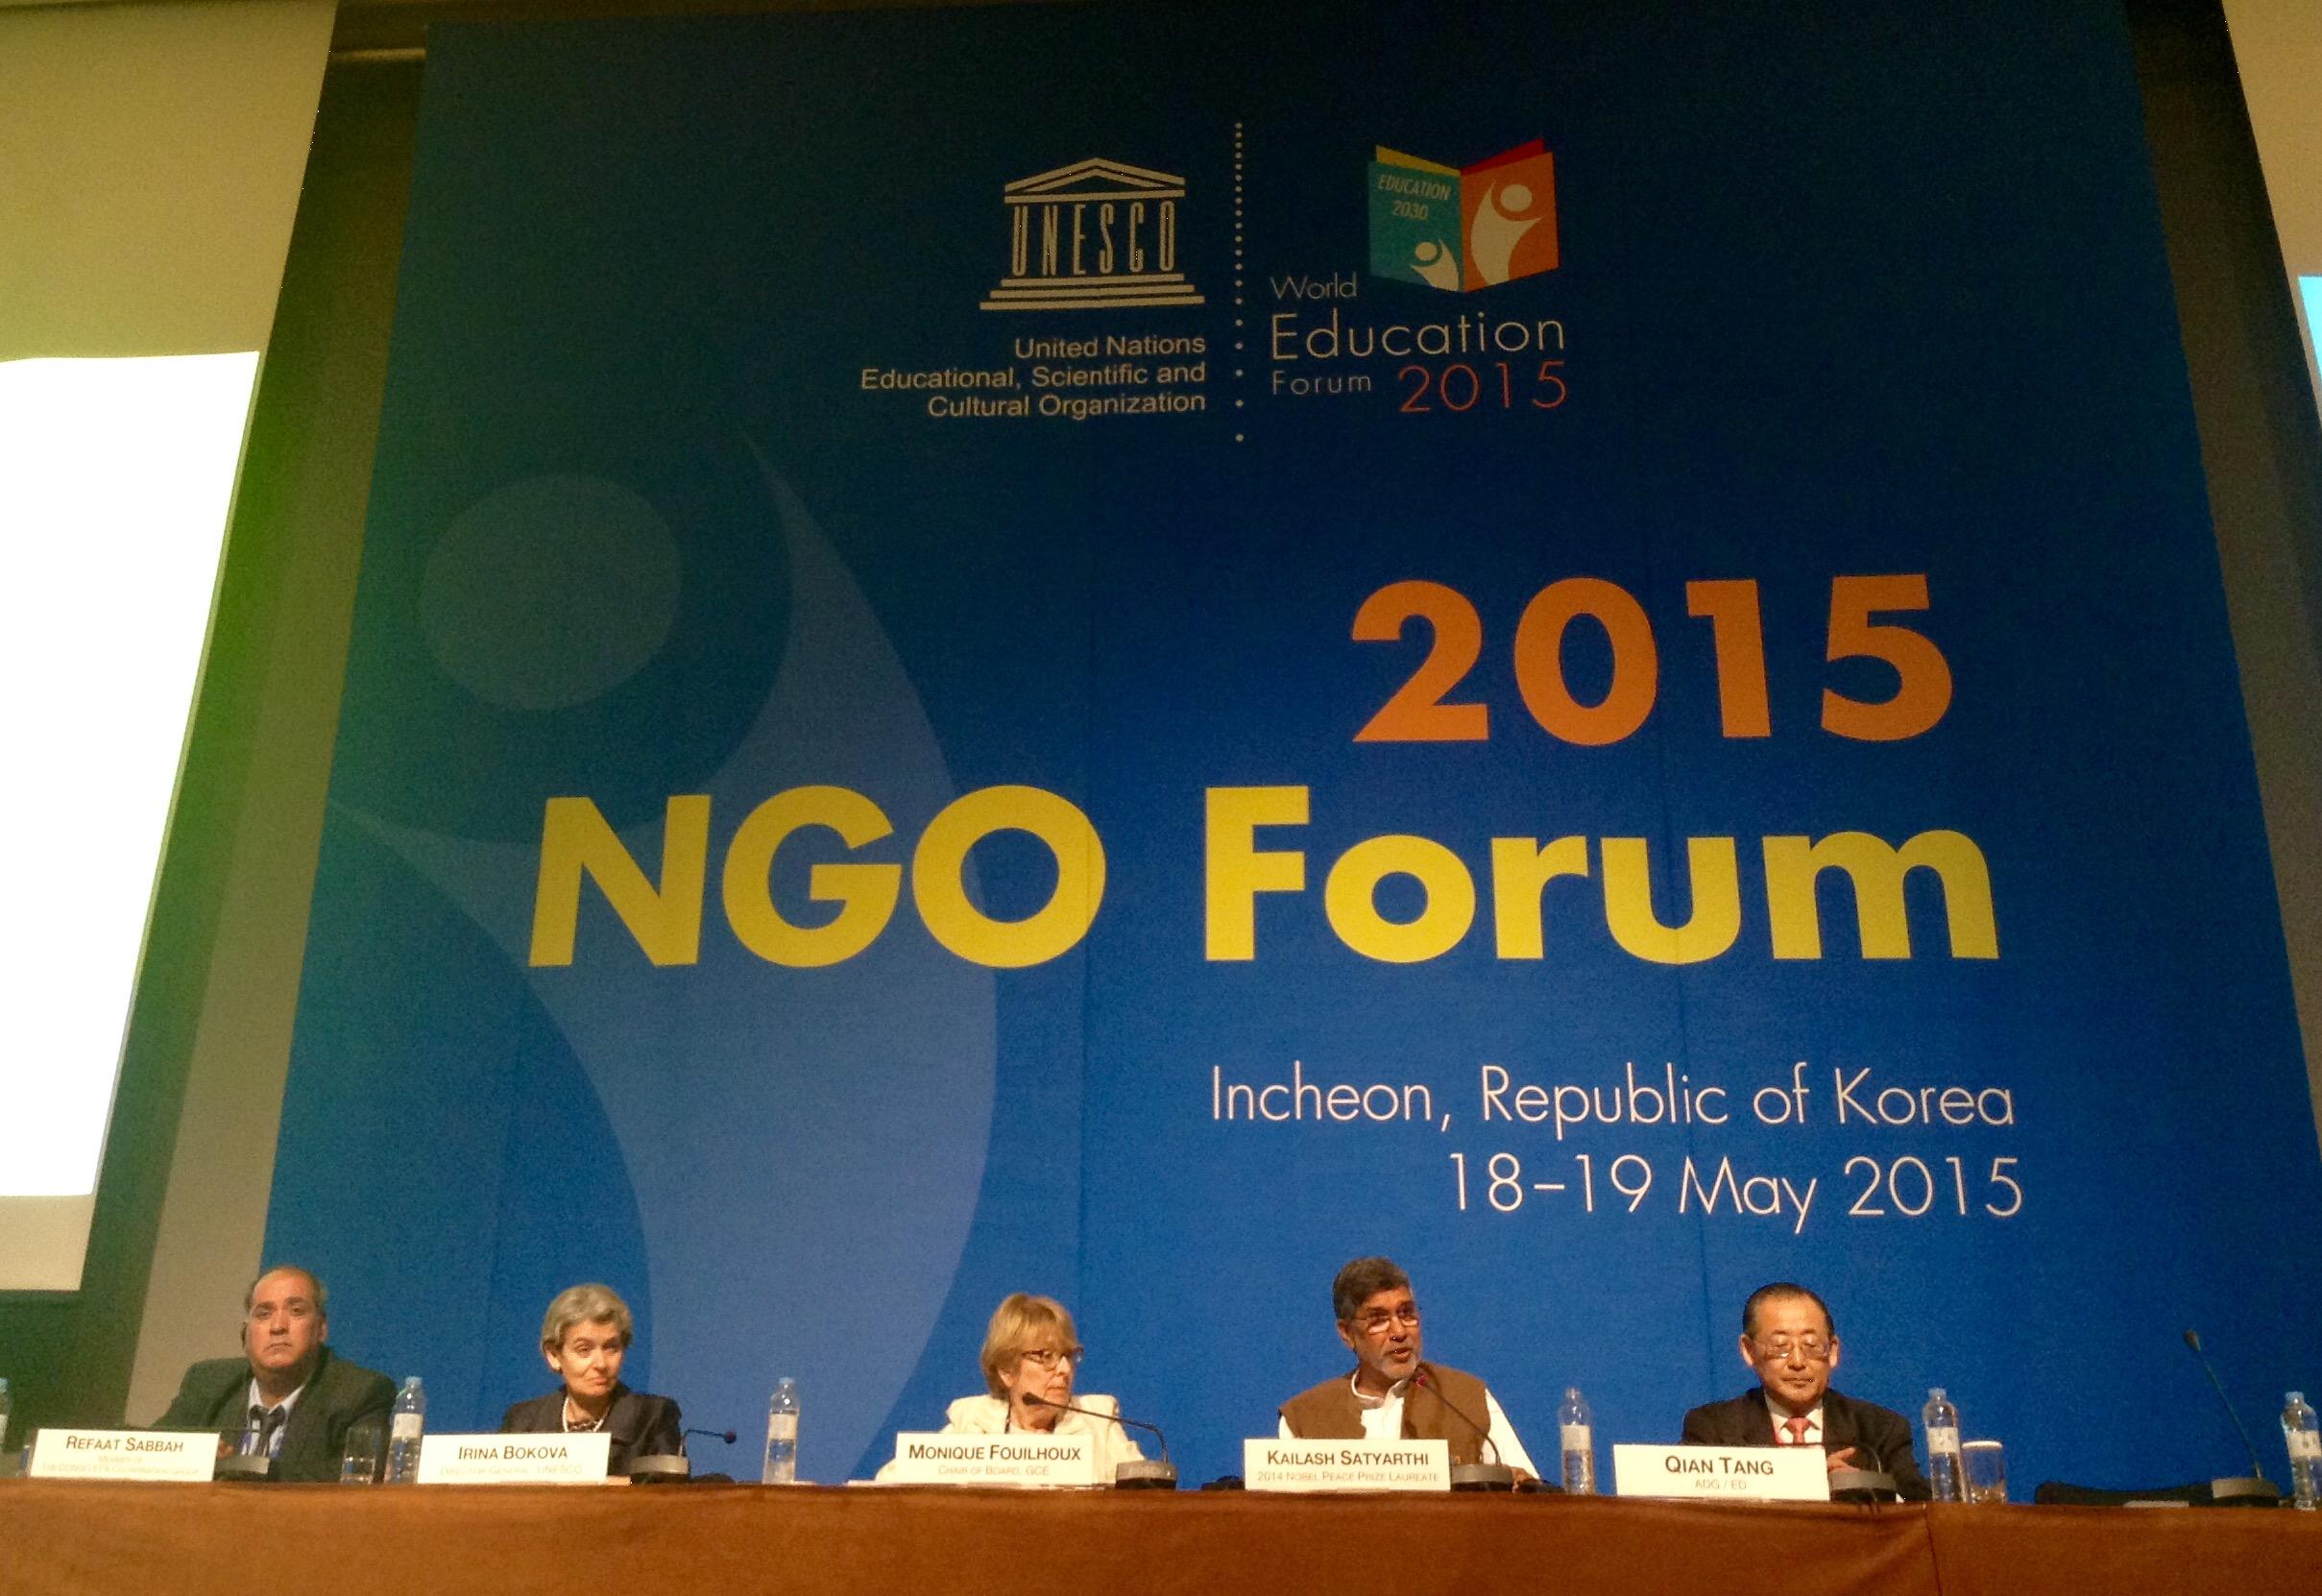 NGO world education forum 2015